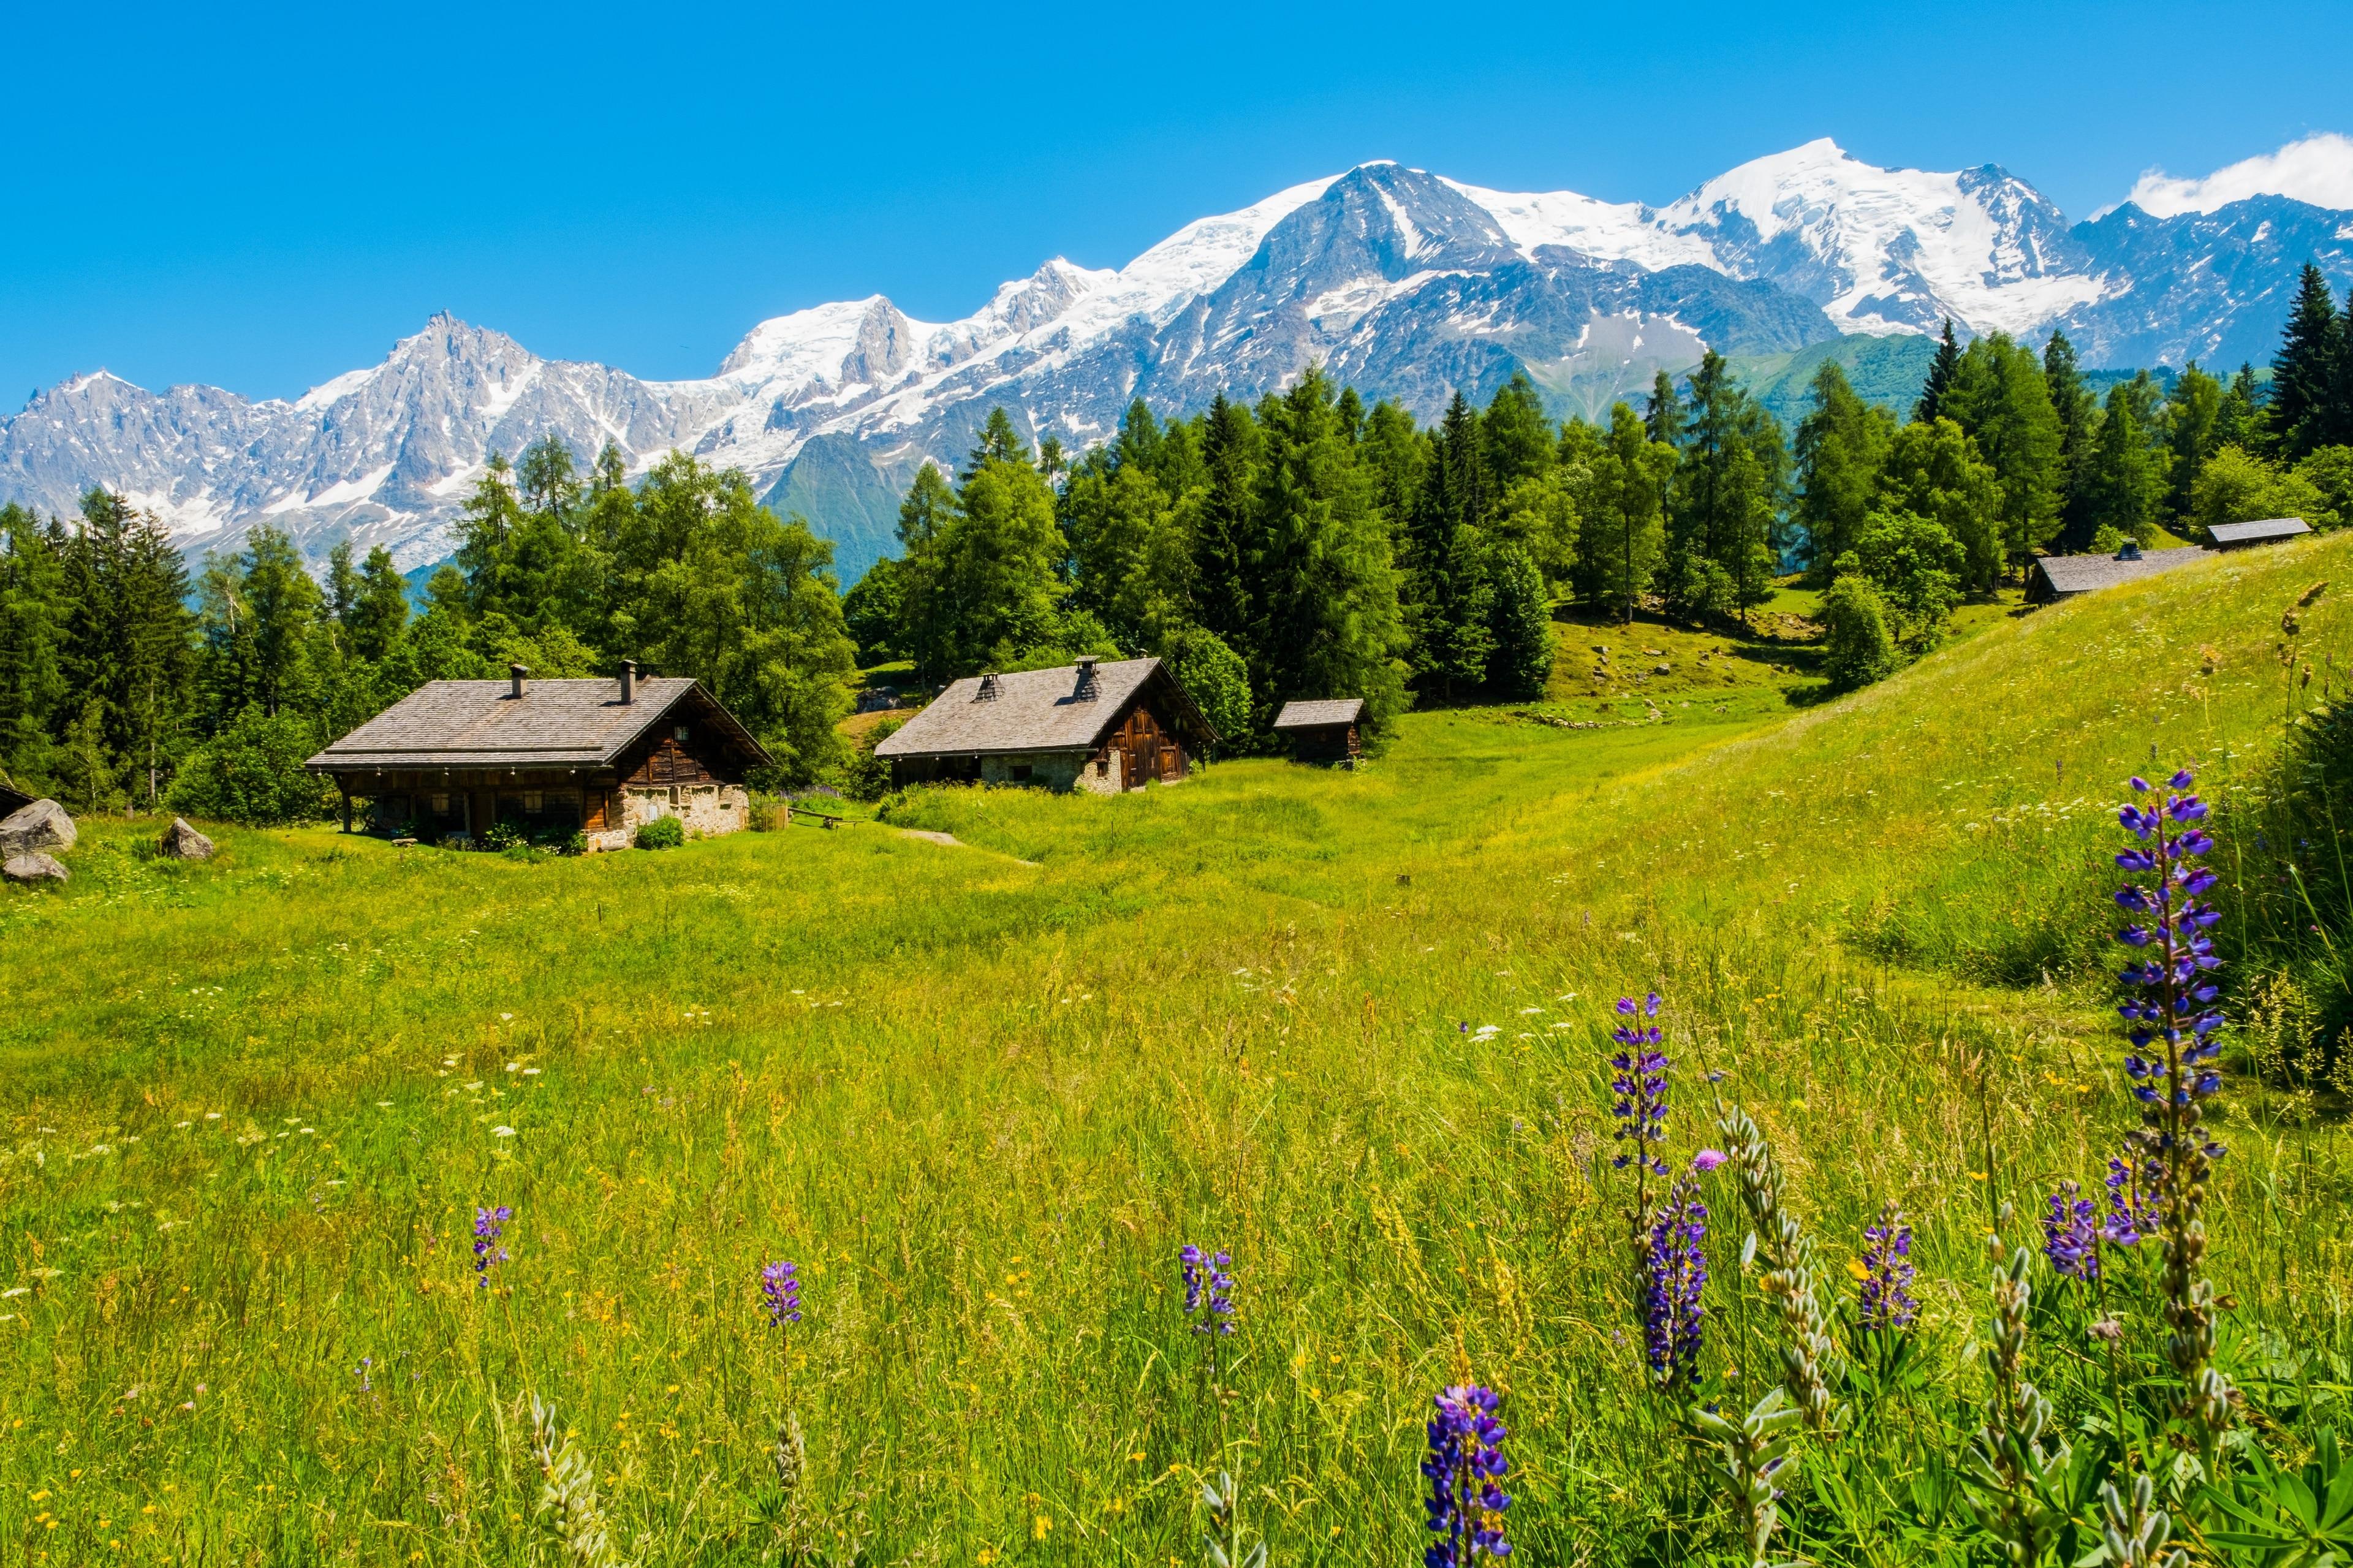 Les Houches, Haute-Savoie, France